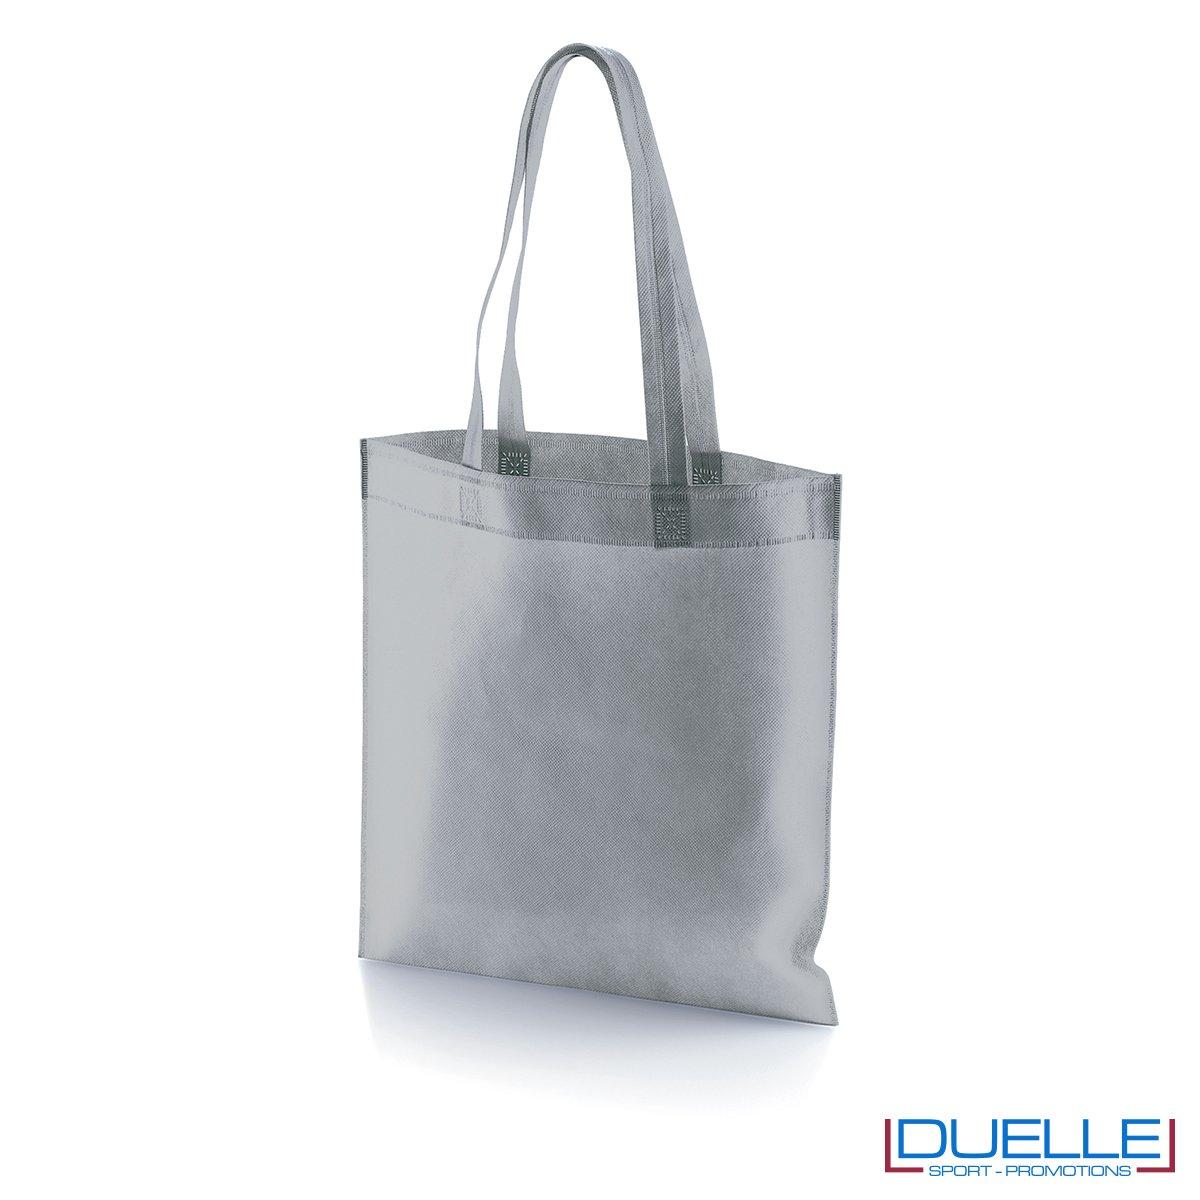 borsa shooper personalizzata in tnt termosaldato grigio, offerta borse promozionali in tnt economiche grigie